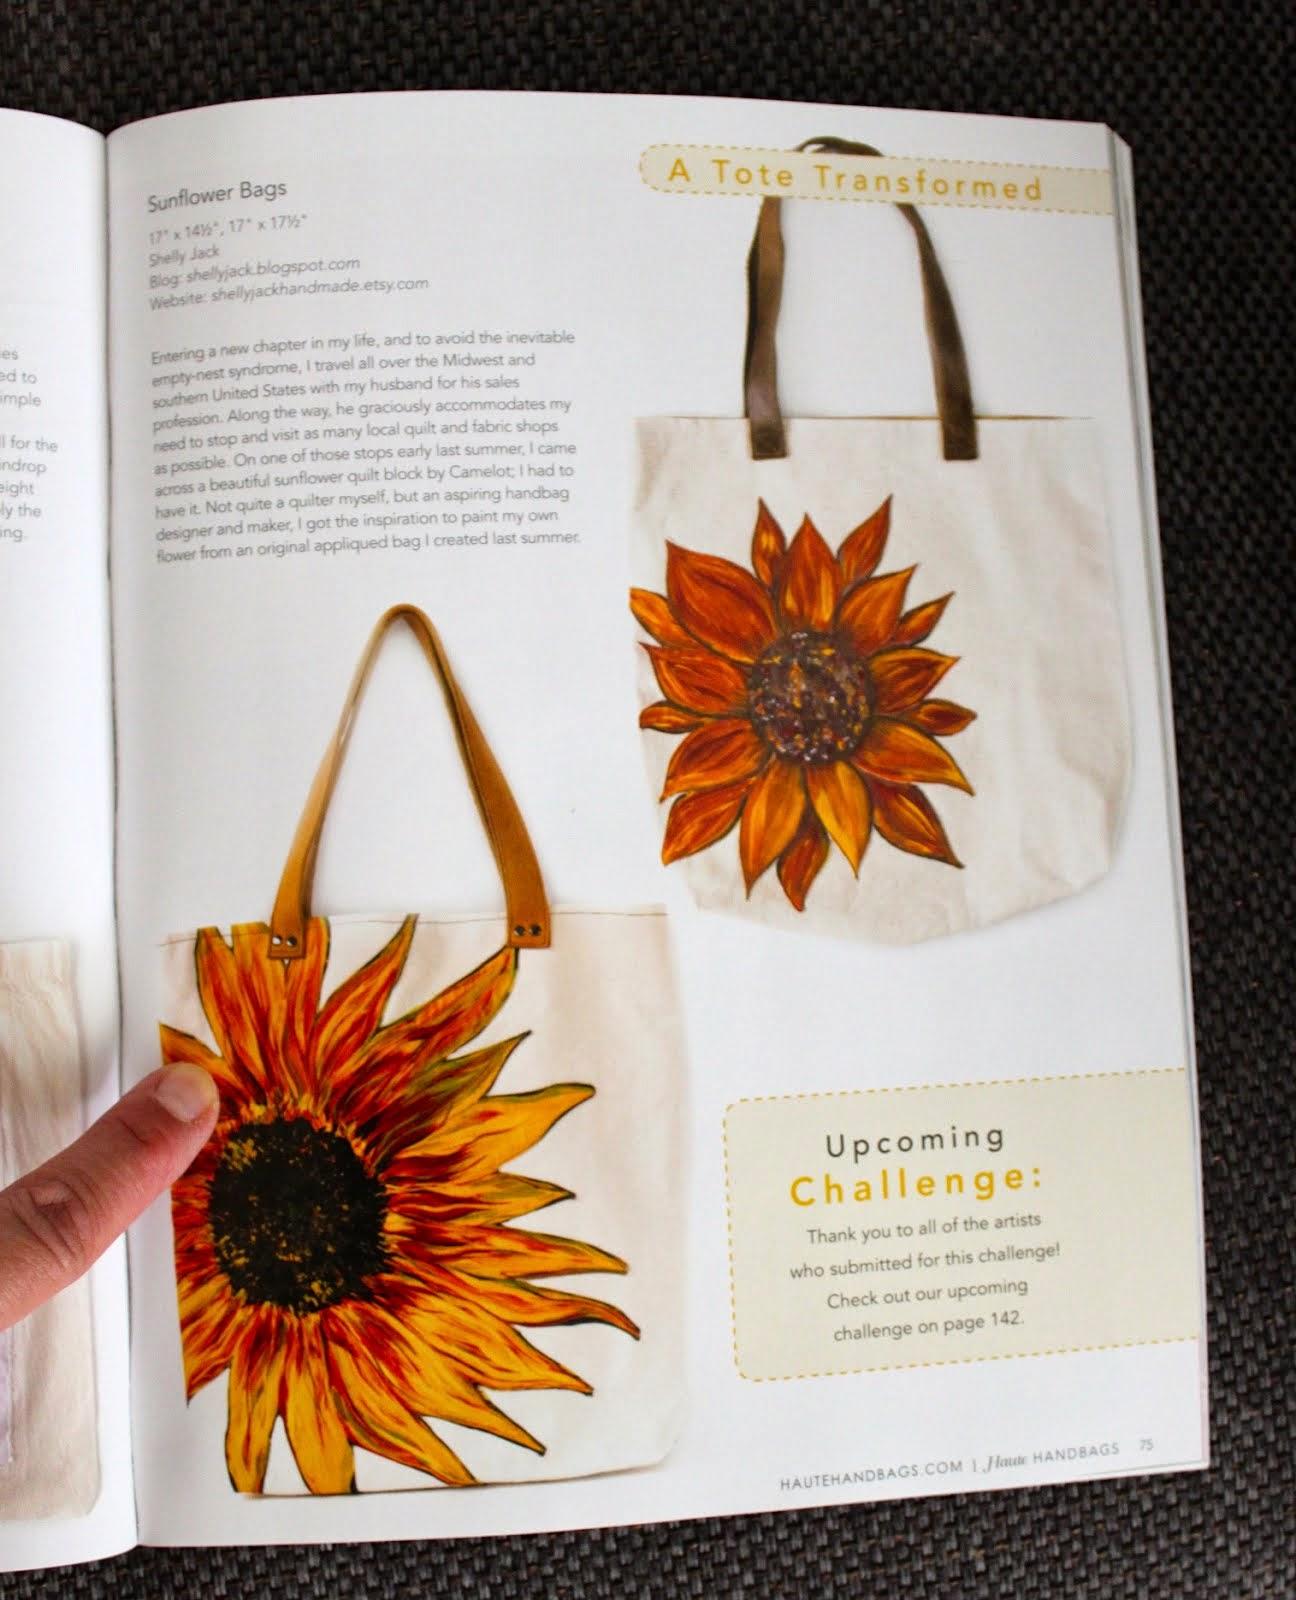 My Sunflower Tote in Haute Handbags!